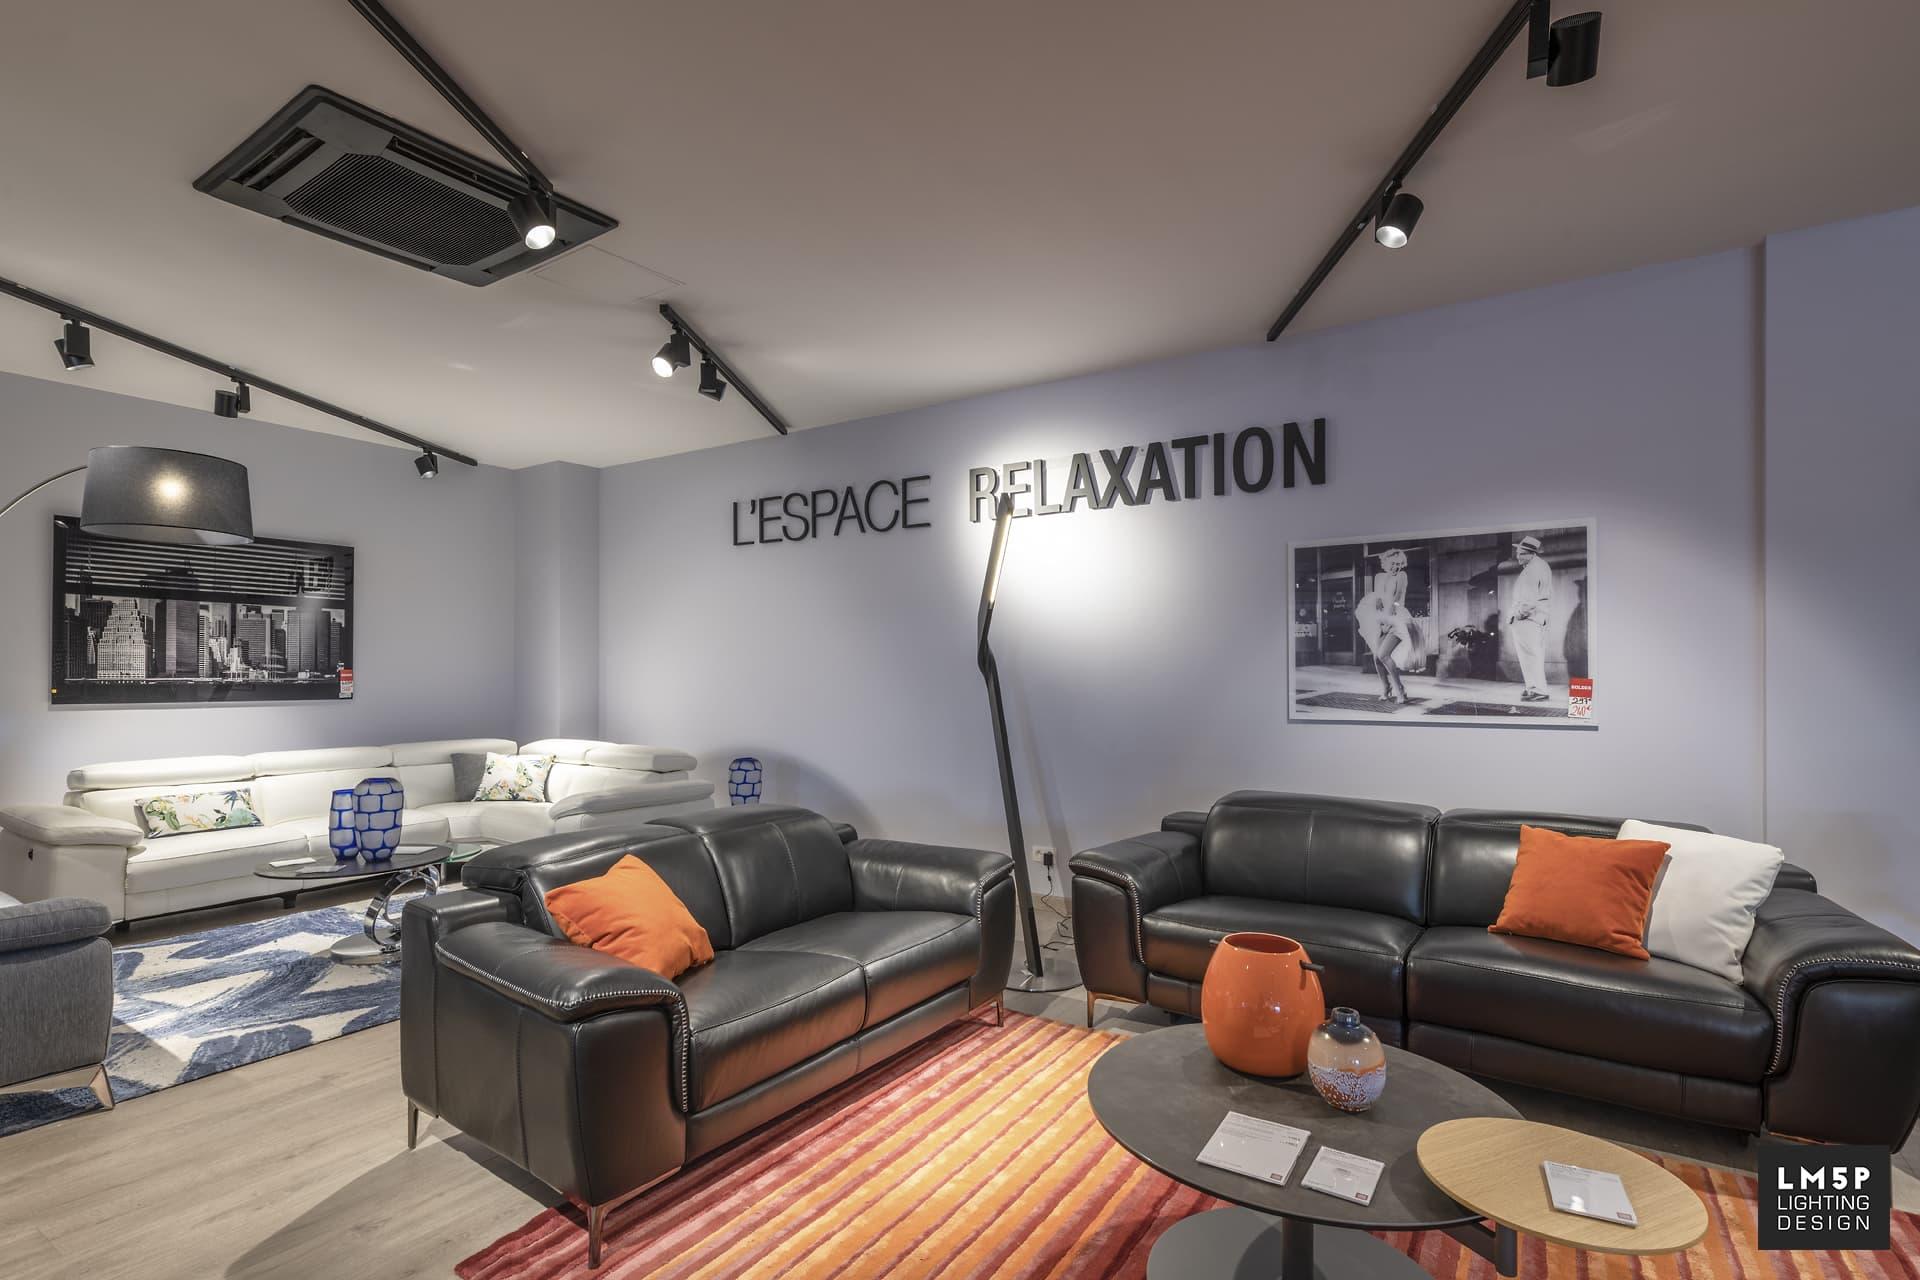 Espace relaxation du cuir center, éclairer par un lampadaire moderne noir et des spots sur rail